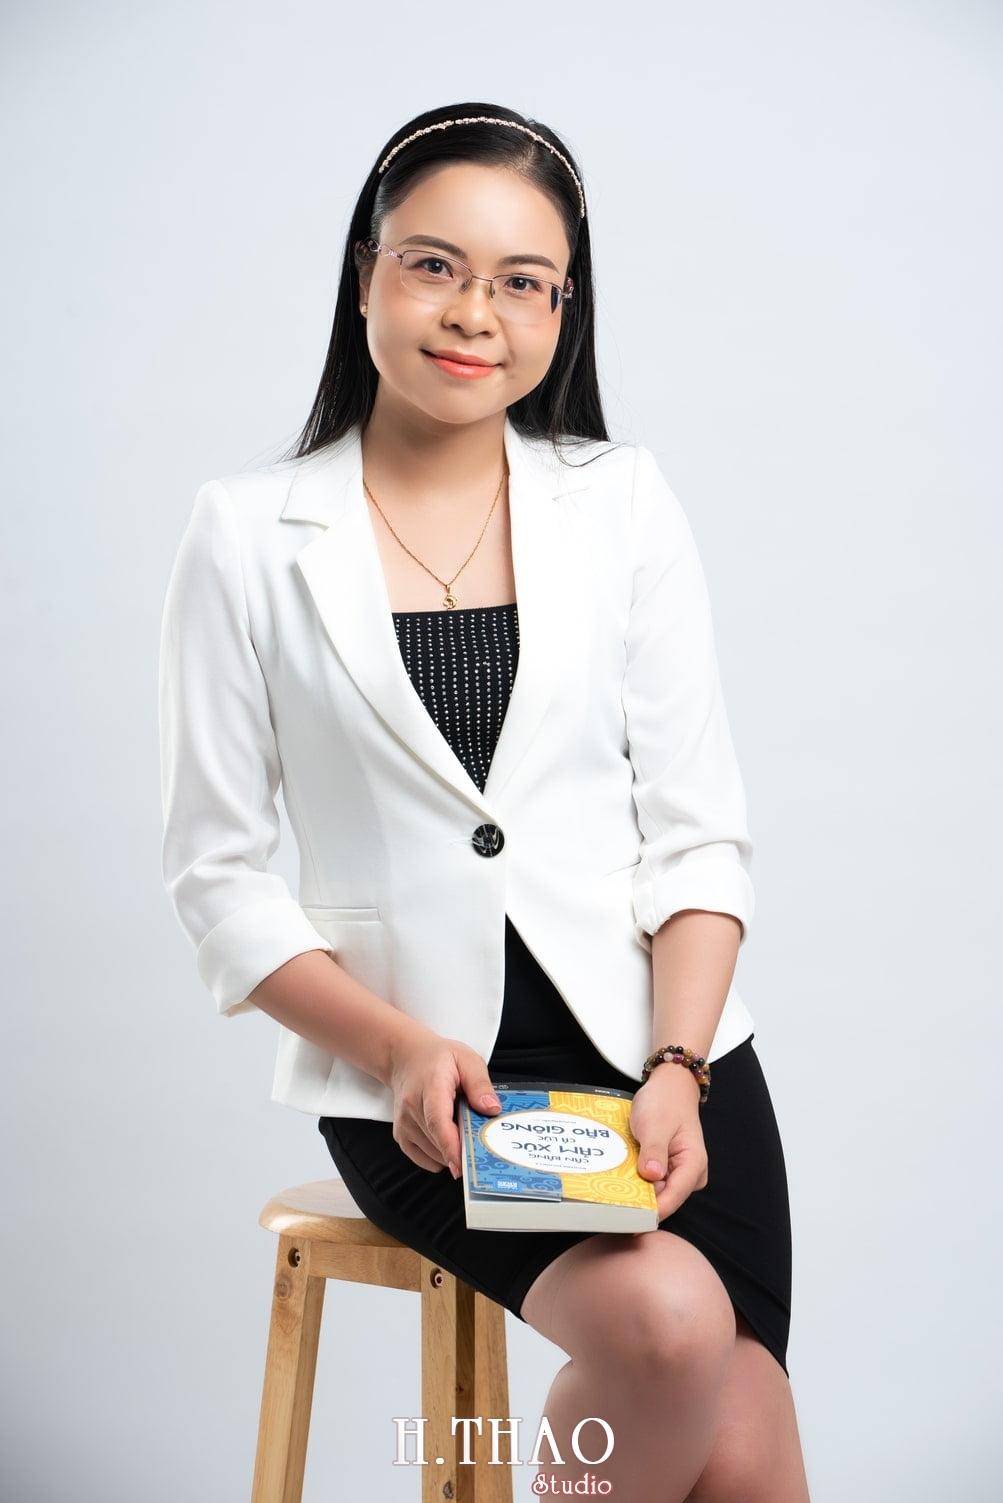 Anh Doanh nhan 16 1 - Góc ảnh doanh nhân, MC Khánh Vy đẹp năng động – HThao Studio